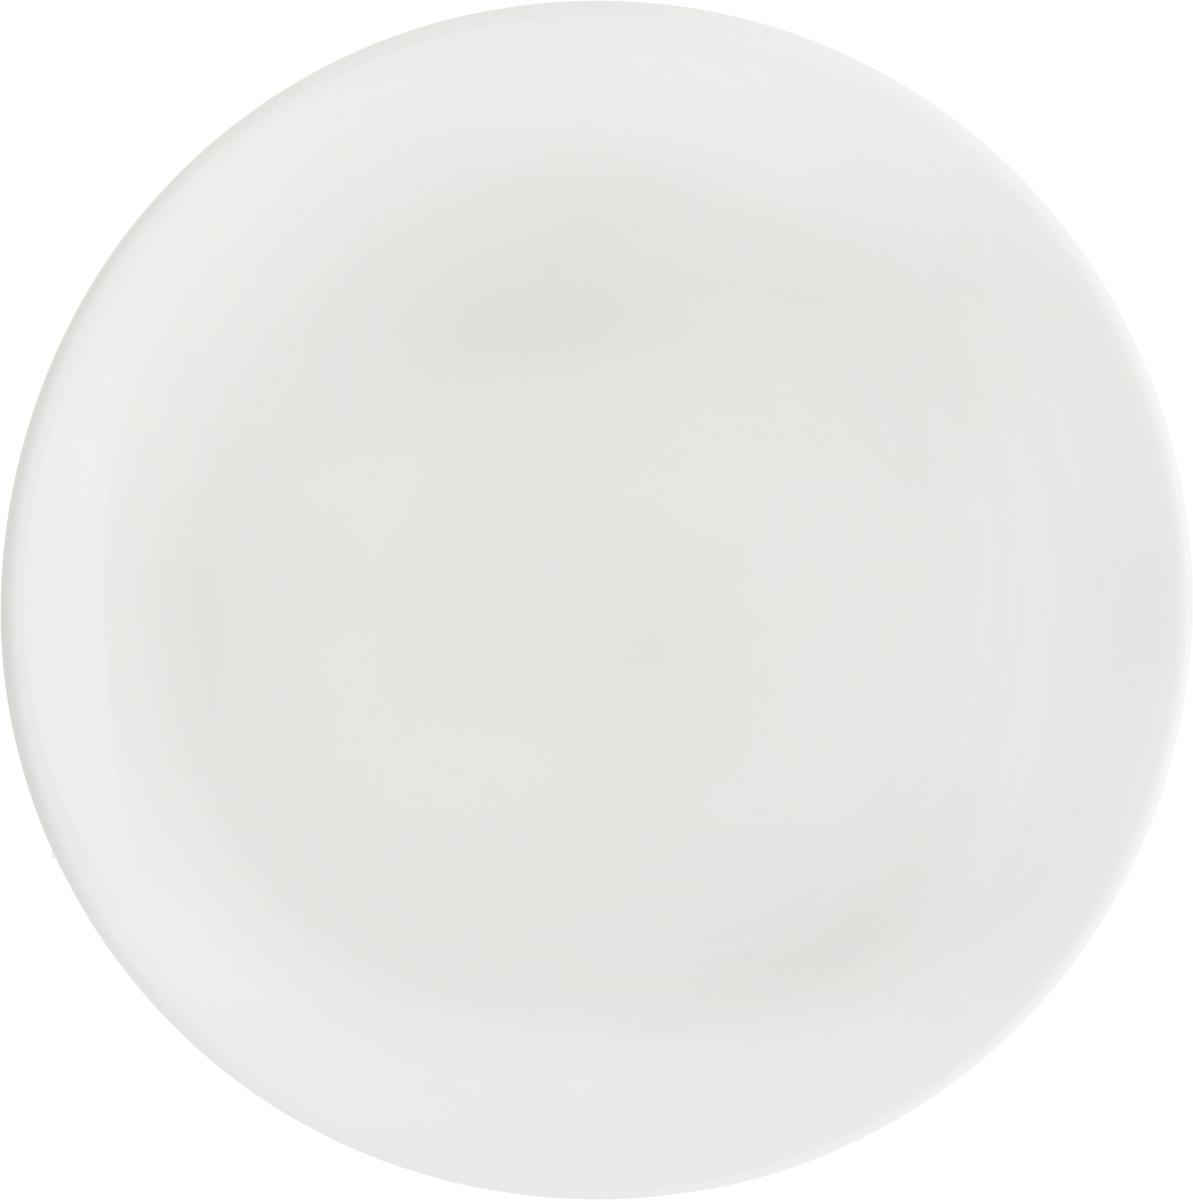 Тарелка Ariane Коуп, диаметр 18 см. AVCARN11018AVCARN11018Тарелка Ariane Коуп, изготовленная из высококачественного фарфора, имеет классическую круглую форму. Такая тарелка отлично подойдет в качестве блюда для закусок и нарезок, а также для подачи различных десертов. Изделие прекрасно впишется в интерьер вашей кухни и станет достойным дополнением к кухонному инвентарю. Тарелка Ariane Коуп подчеркнет прекрасный вкус хозяйки и станет отличным подарком.Можно мыть в посудомоечной машине и использовать в микроволновой печи. Высота: 1,5 см.Диаметр тарелки: 18 см.